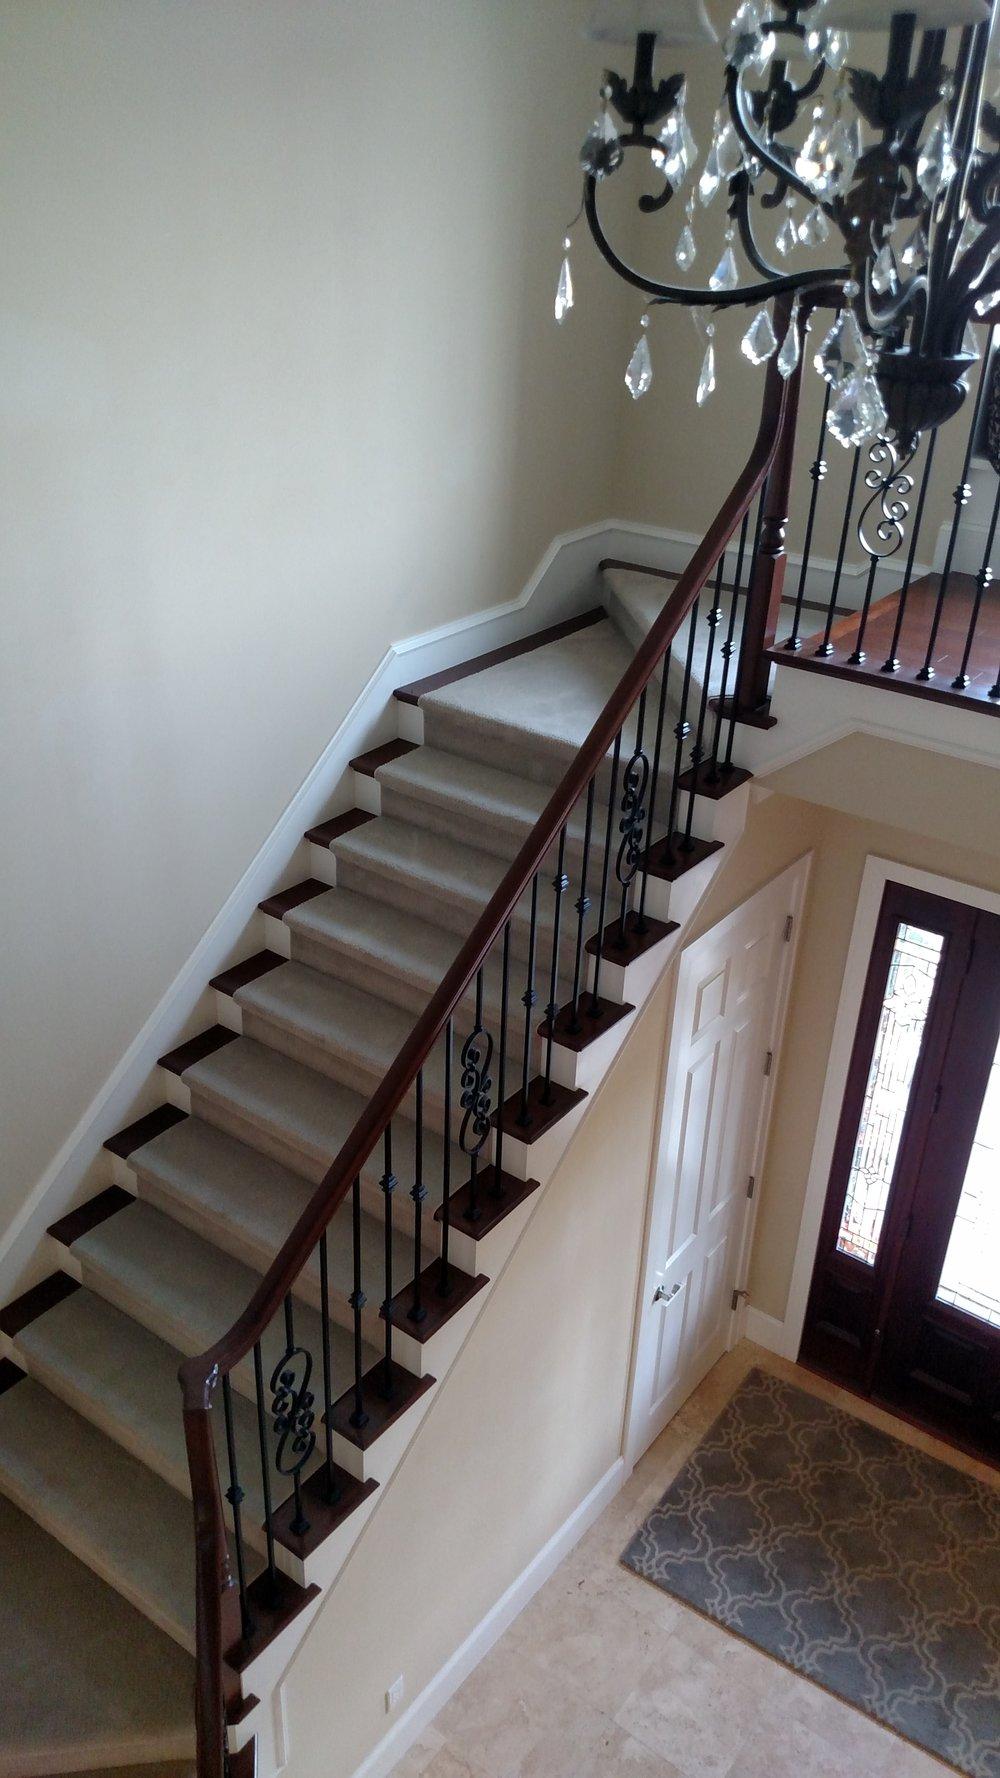 FurnitureStore Front Stairway6.jpg